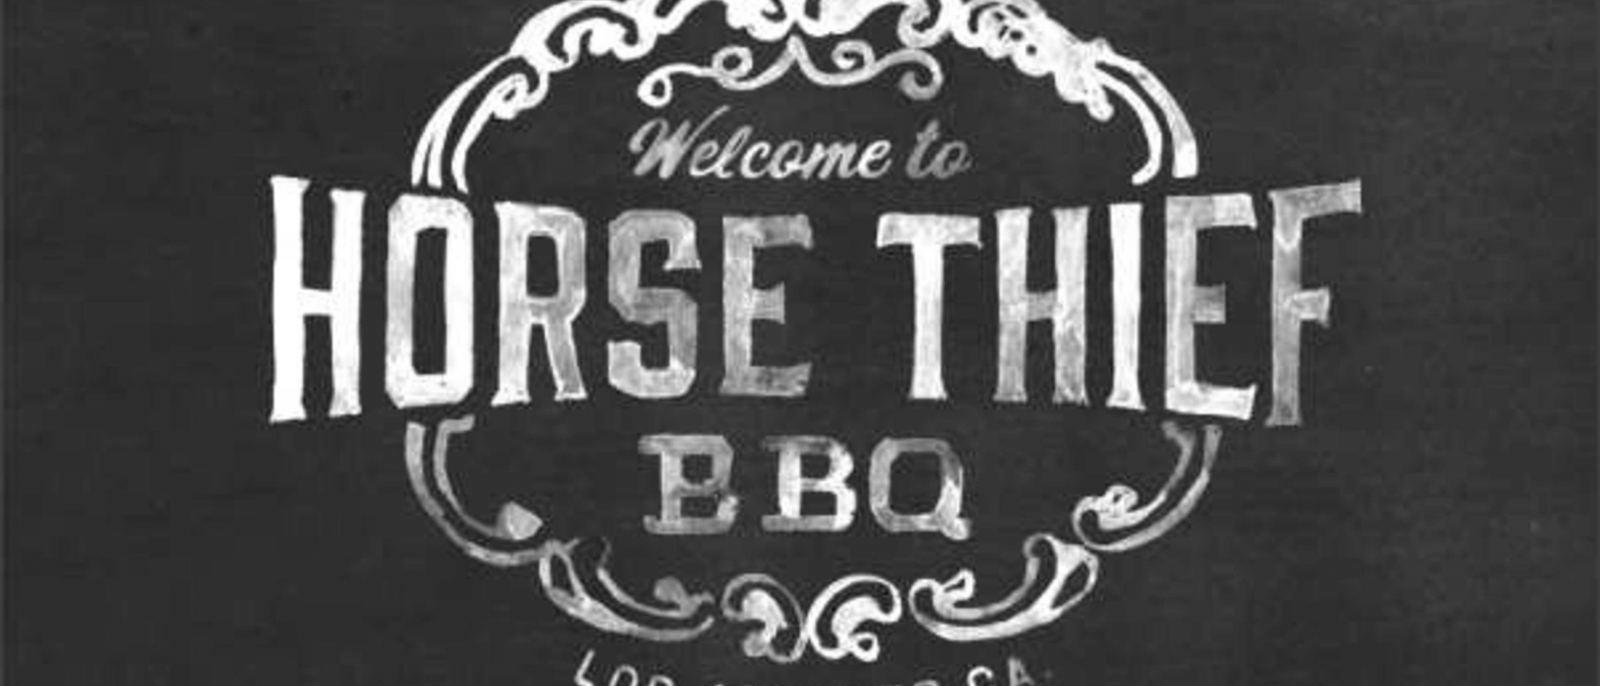 Horse Thief BBQ